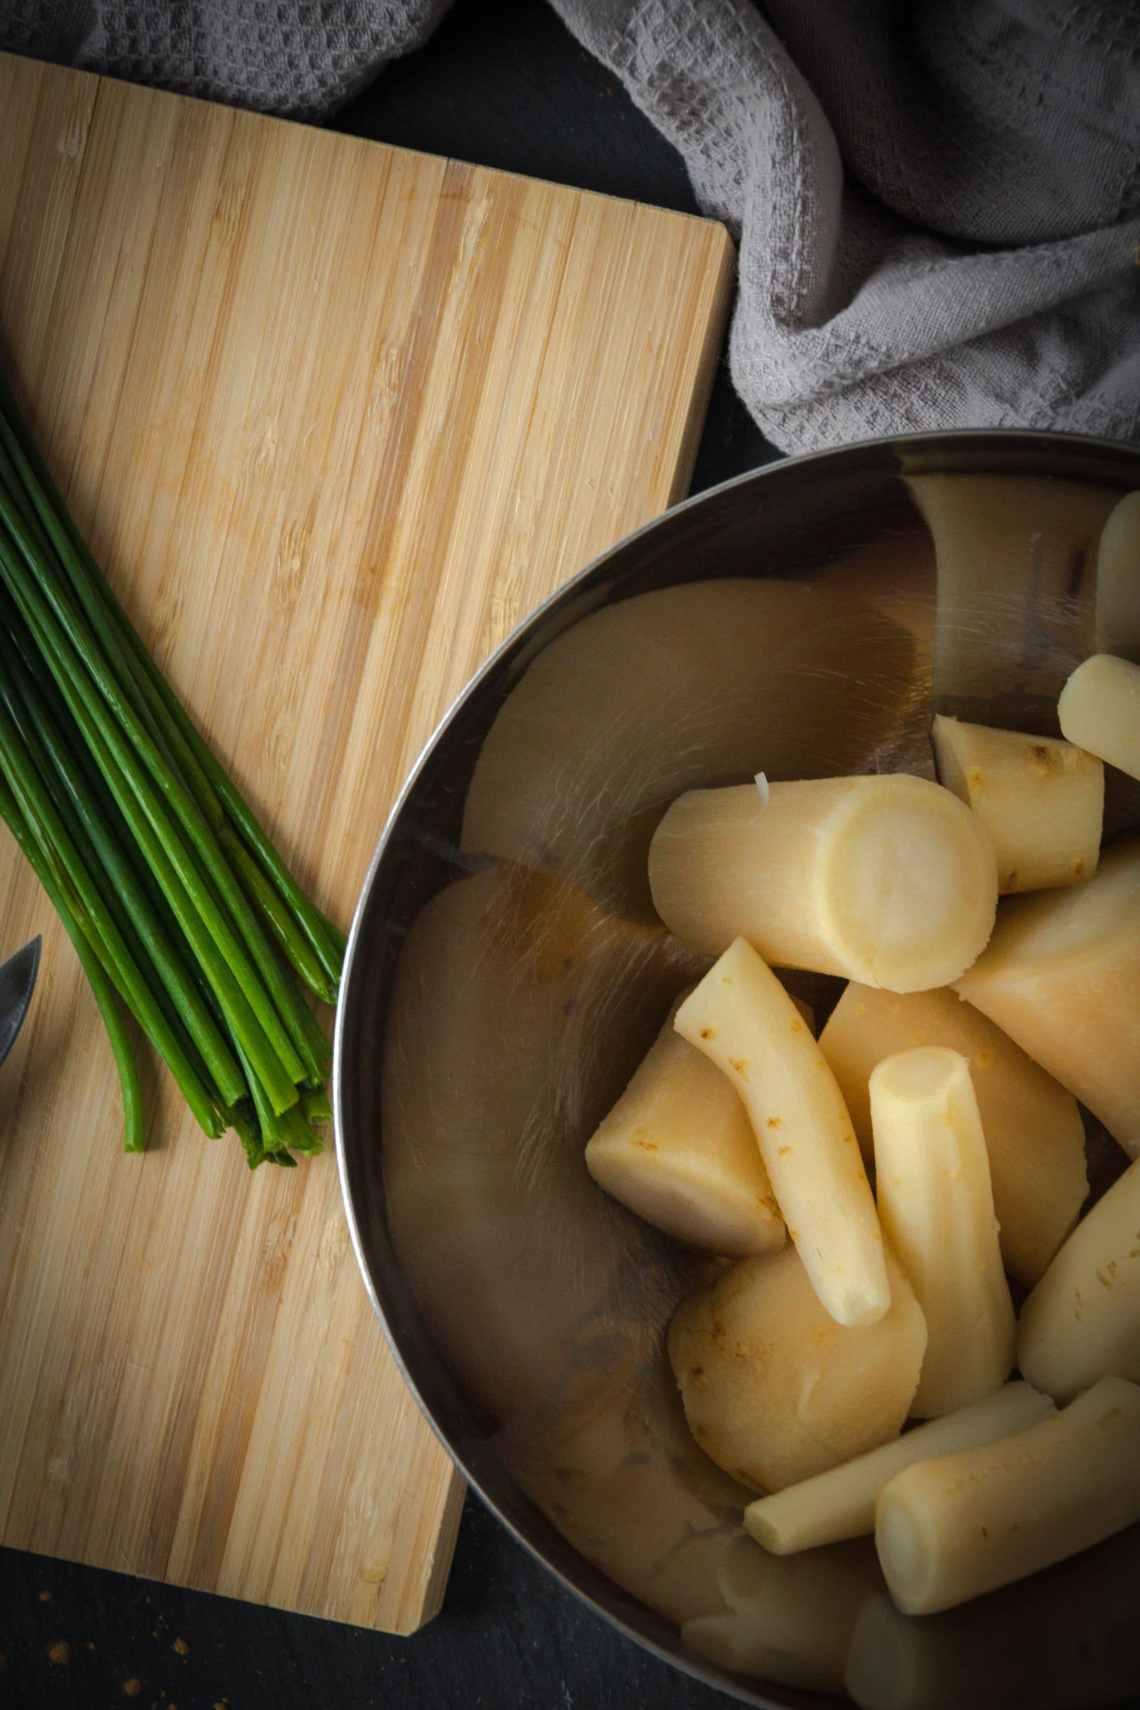 Kartoffelsalat_Petersilienwurzel_rezept_falscherkartoffelsalat-5696_klein